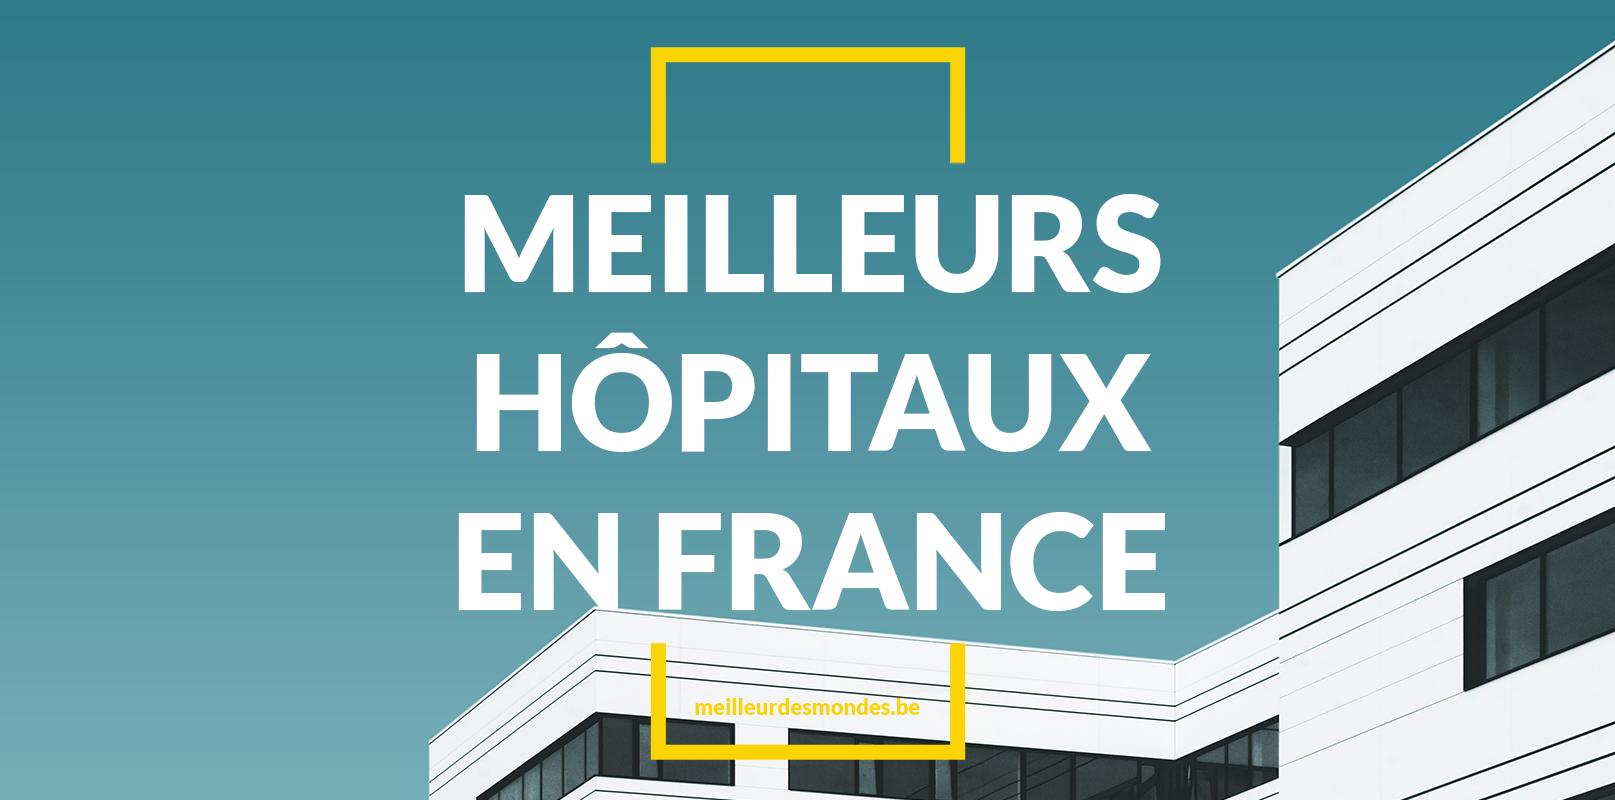 31 des Meilleurs Hôpitaux à La Francheville,Champagne-Ardenne